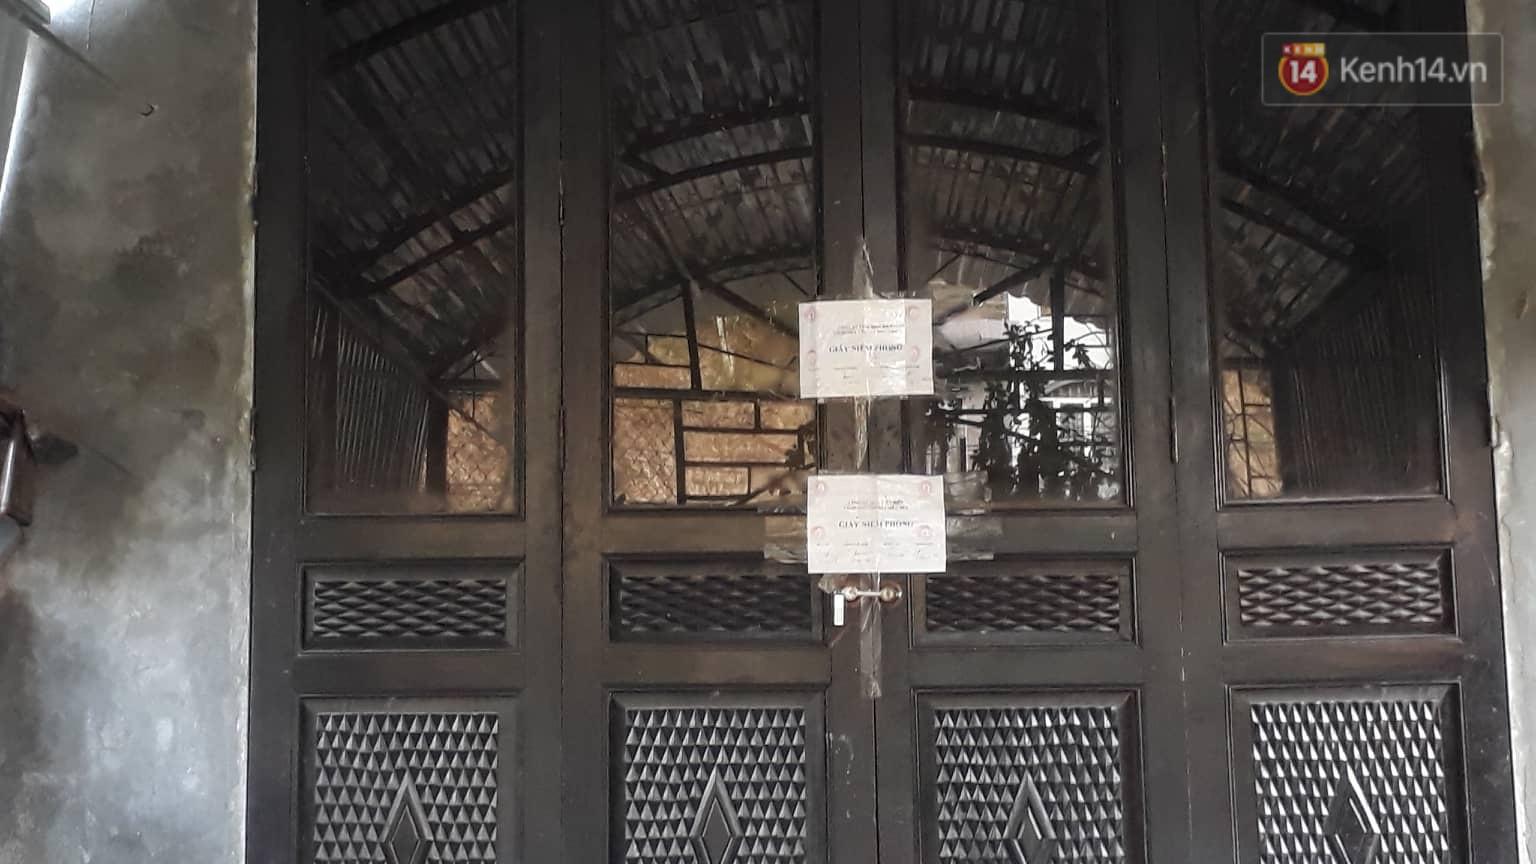 Vụ nữ sinh giao gà bị sát hại: Hàng xóm vẫn chưa hết bàng hoàng trước màn kịch xảo quyệt, che giấu tội ác cho chồng của Bùi Thị Kim Thu - Ảnh 2.